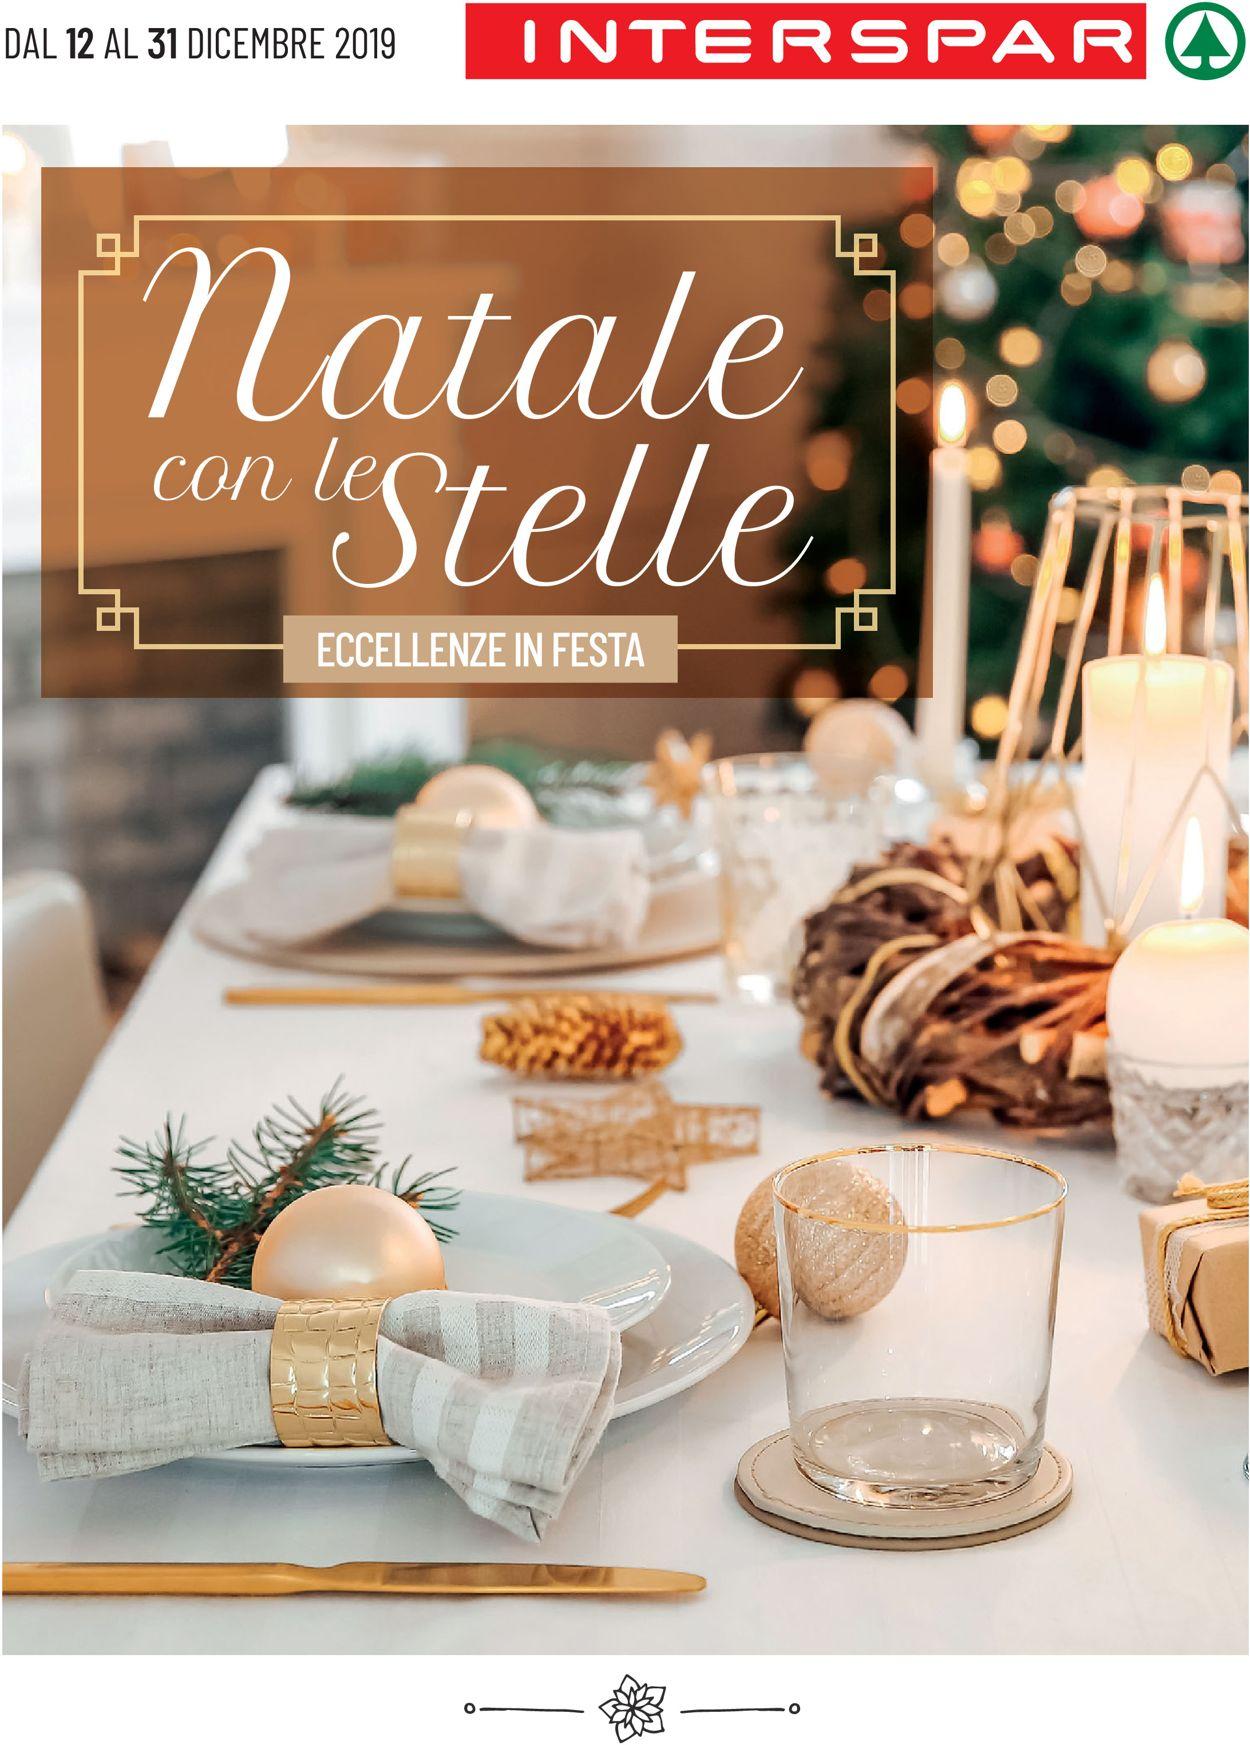 Volantino Il volantino natalizio di Interspar - Offerte 12/12-31/12/2019